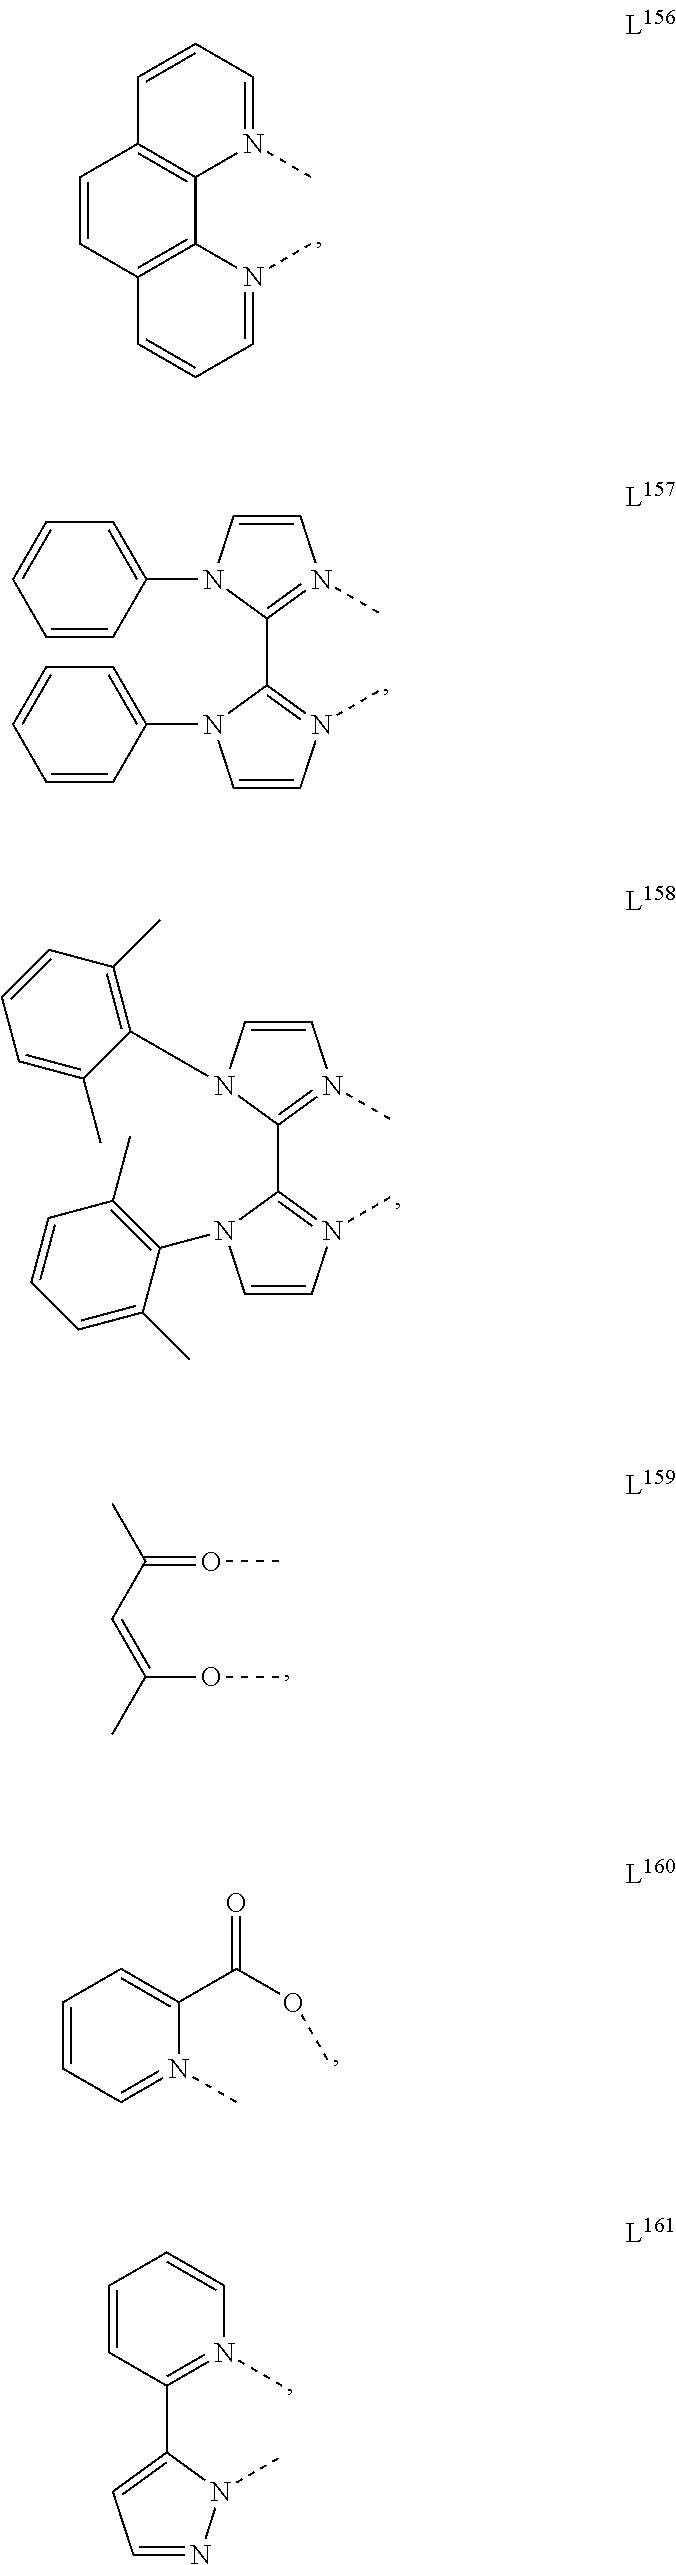 Figure US09306179-20160405-C00017